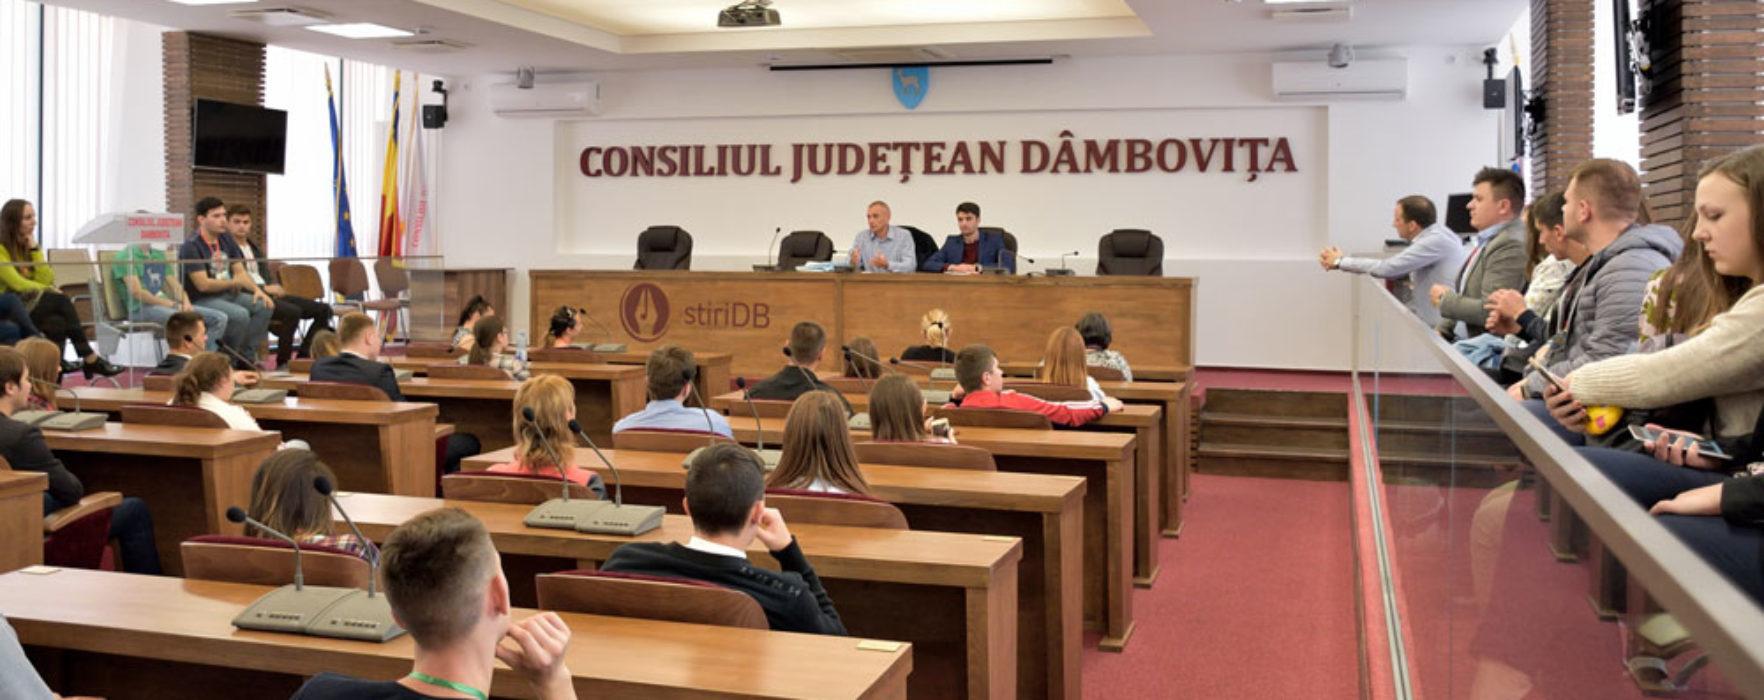 Dâmboviţa: 100 de tineri din Republica Moldova, în vizită în judeţ, printr-un program guvernamental